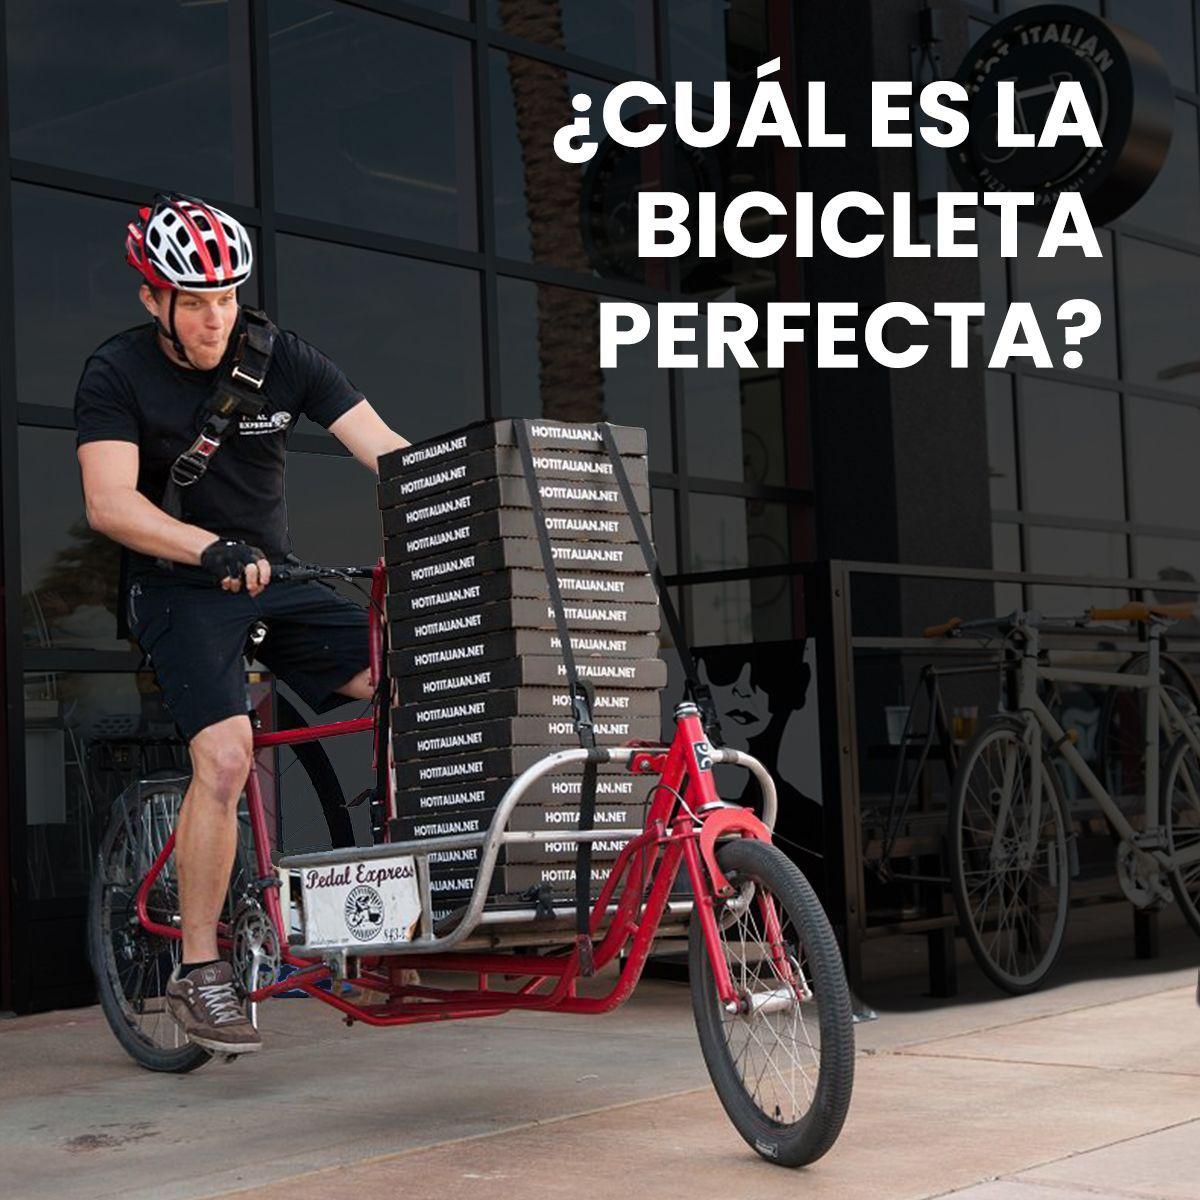 ¿Cuál es la #bicicleta perfecta para un #repartidor? https://t.co/zsMctyXpVo https://t.co/st6Qo2bbkO